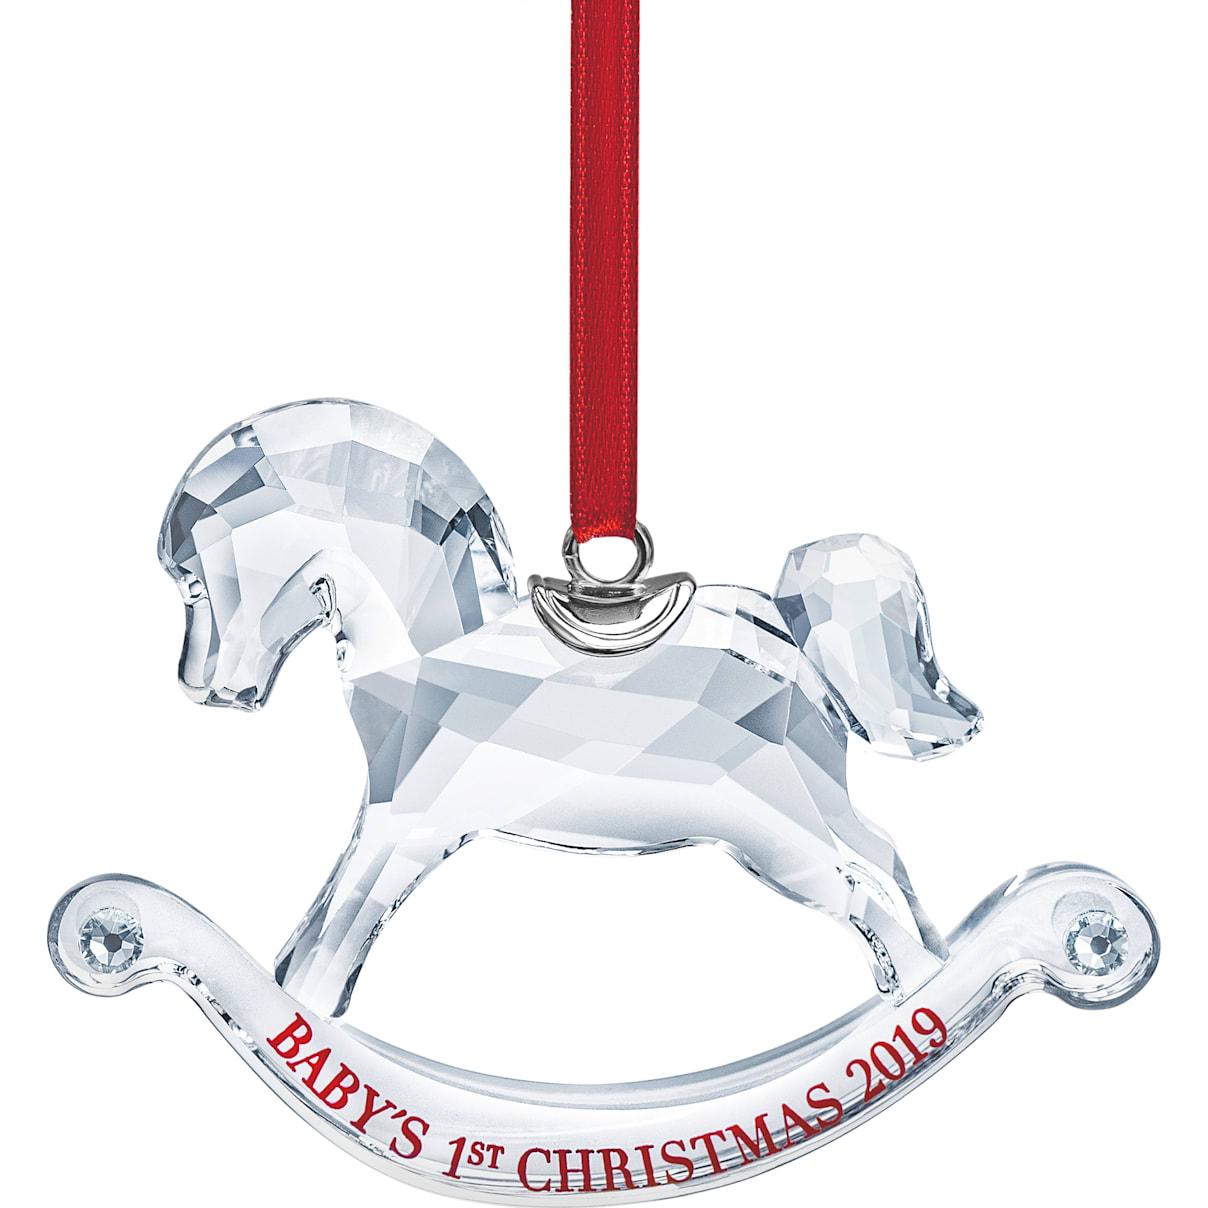 Swarovski Baby's 1st Christmas Ornament, A.E. 2019